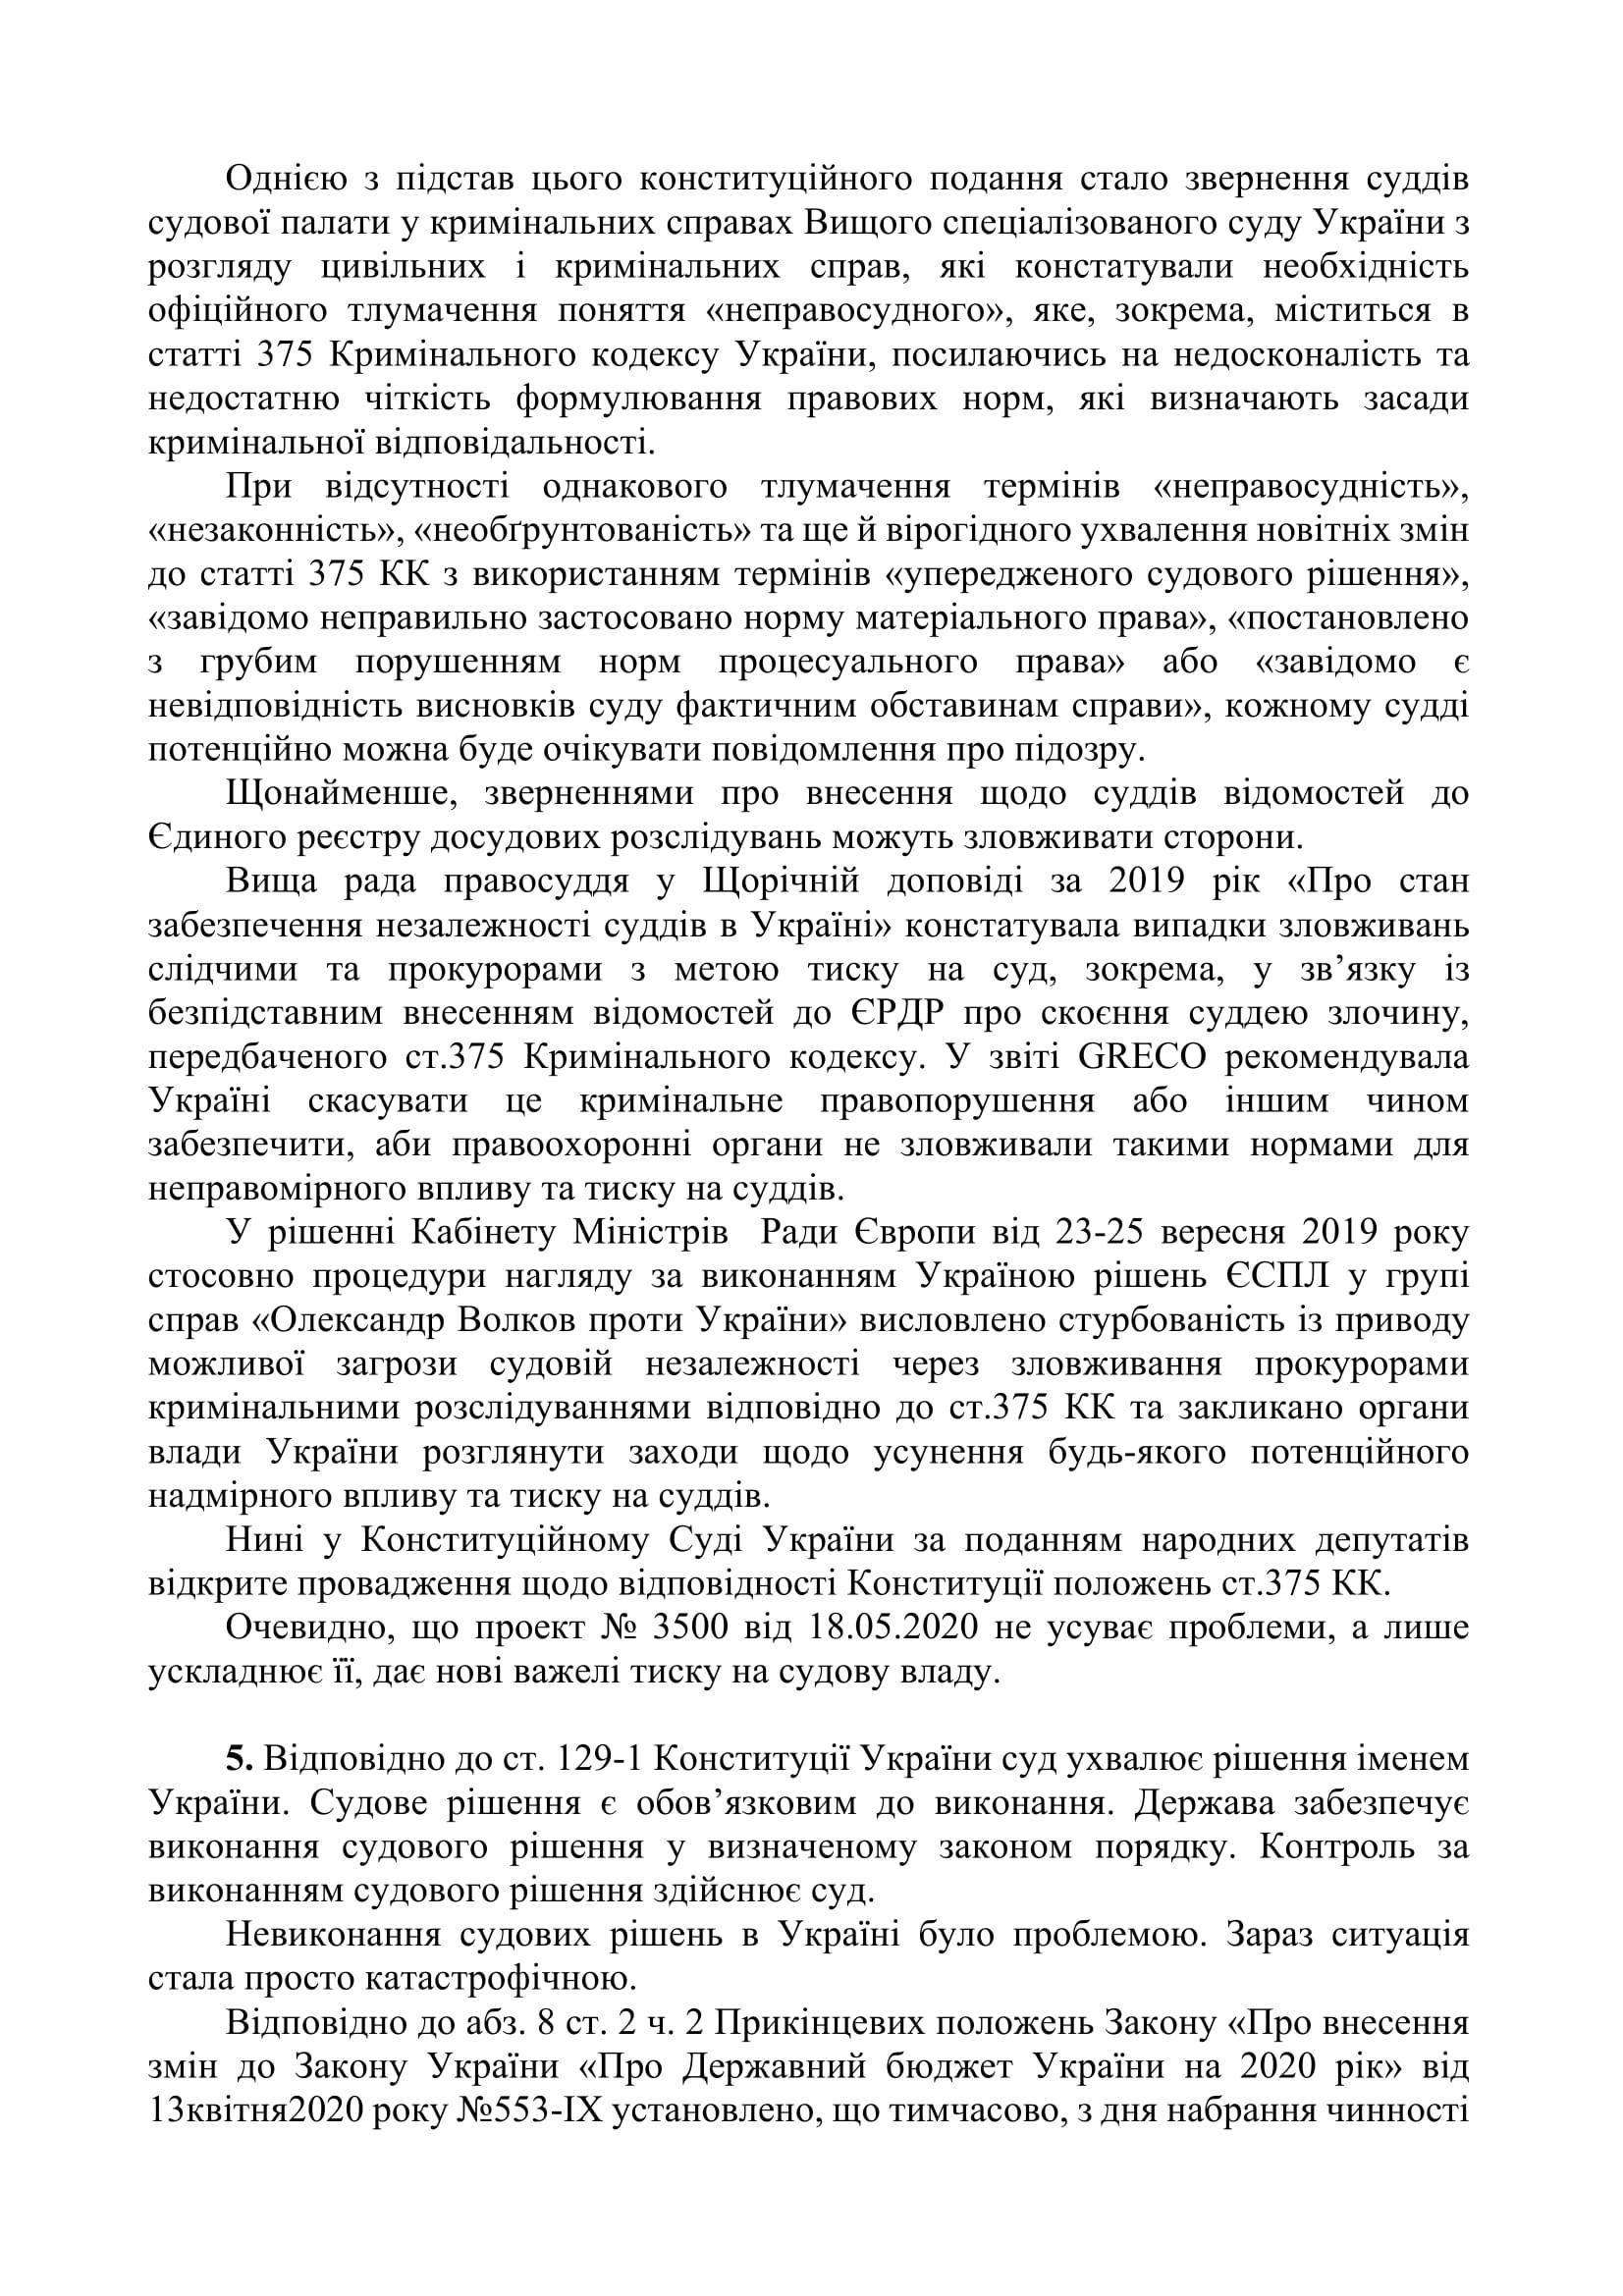 Звернення АРССУ від 23.05.2020-5